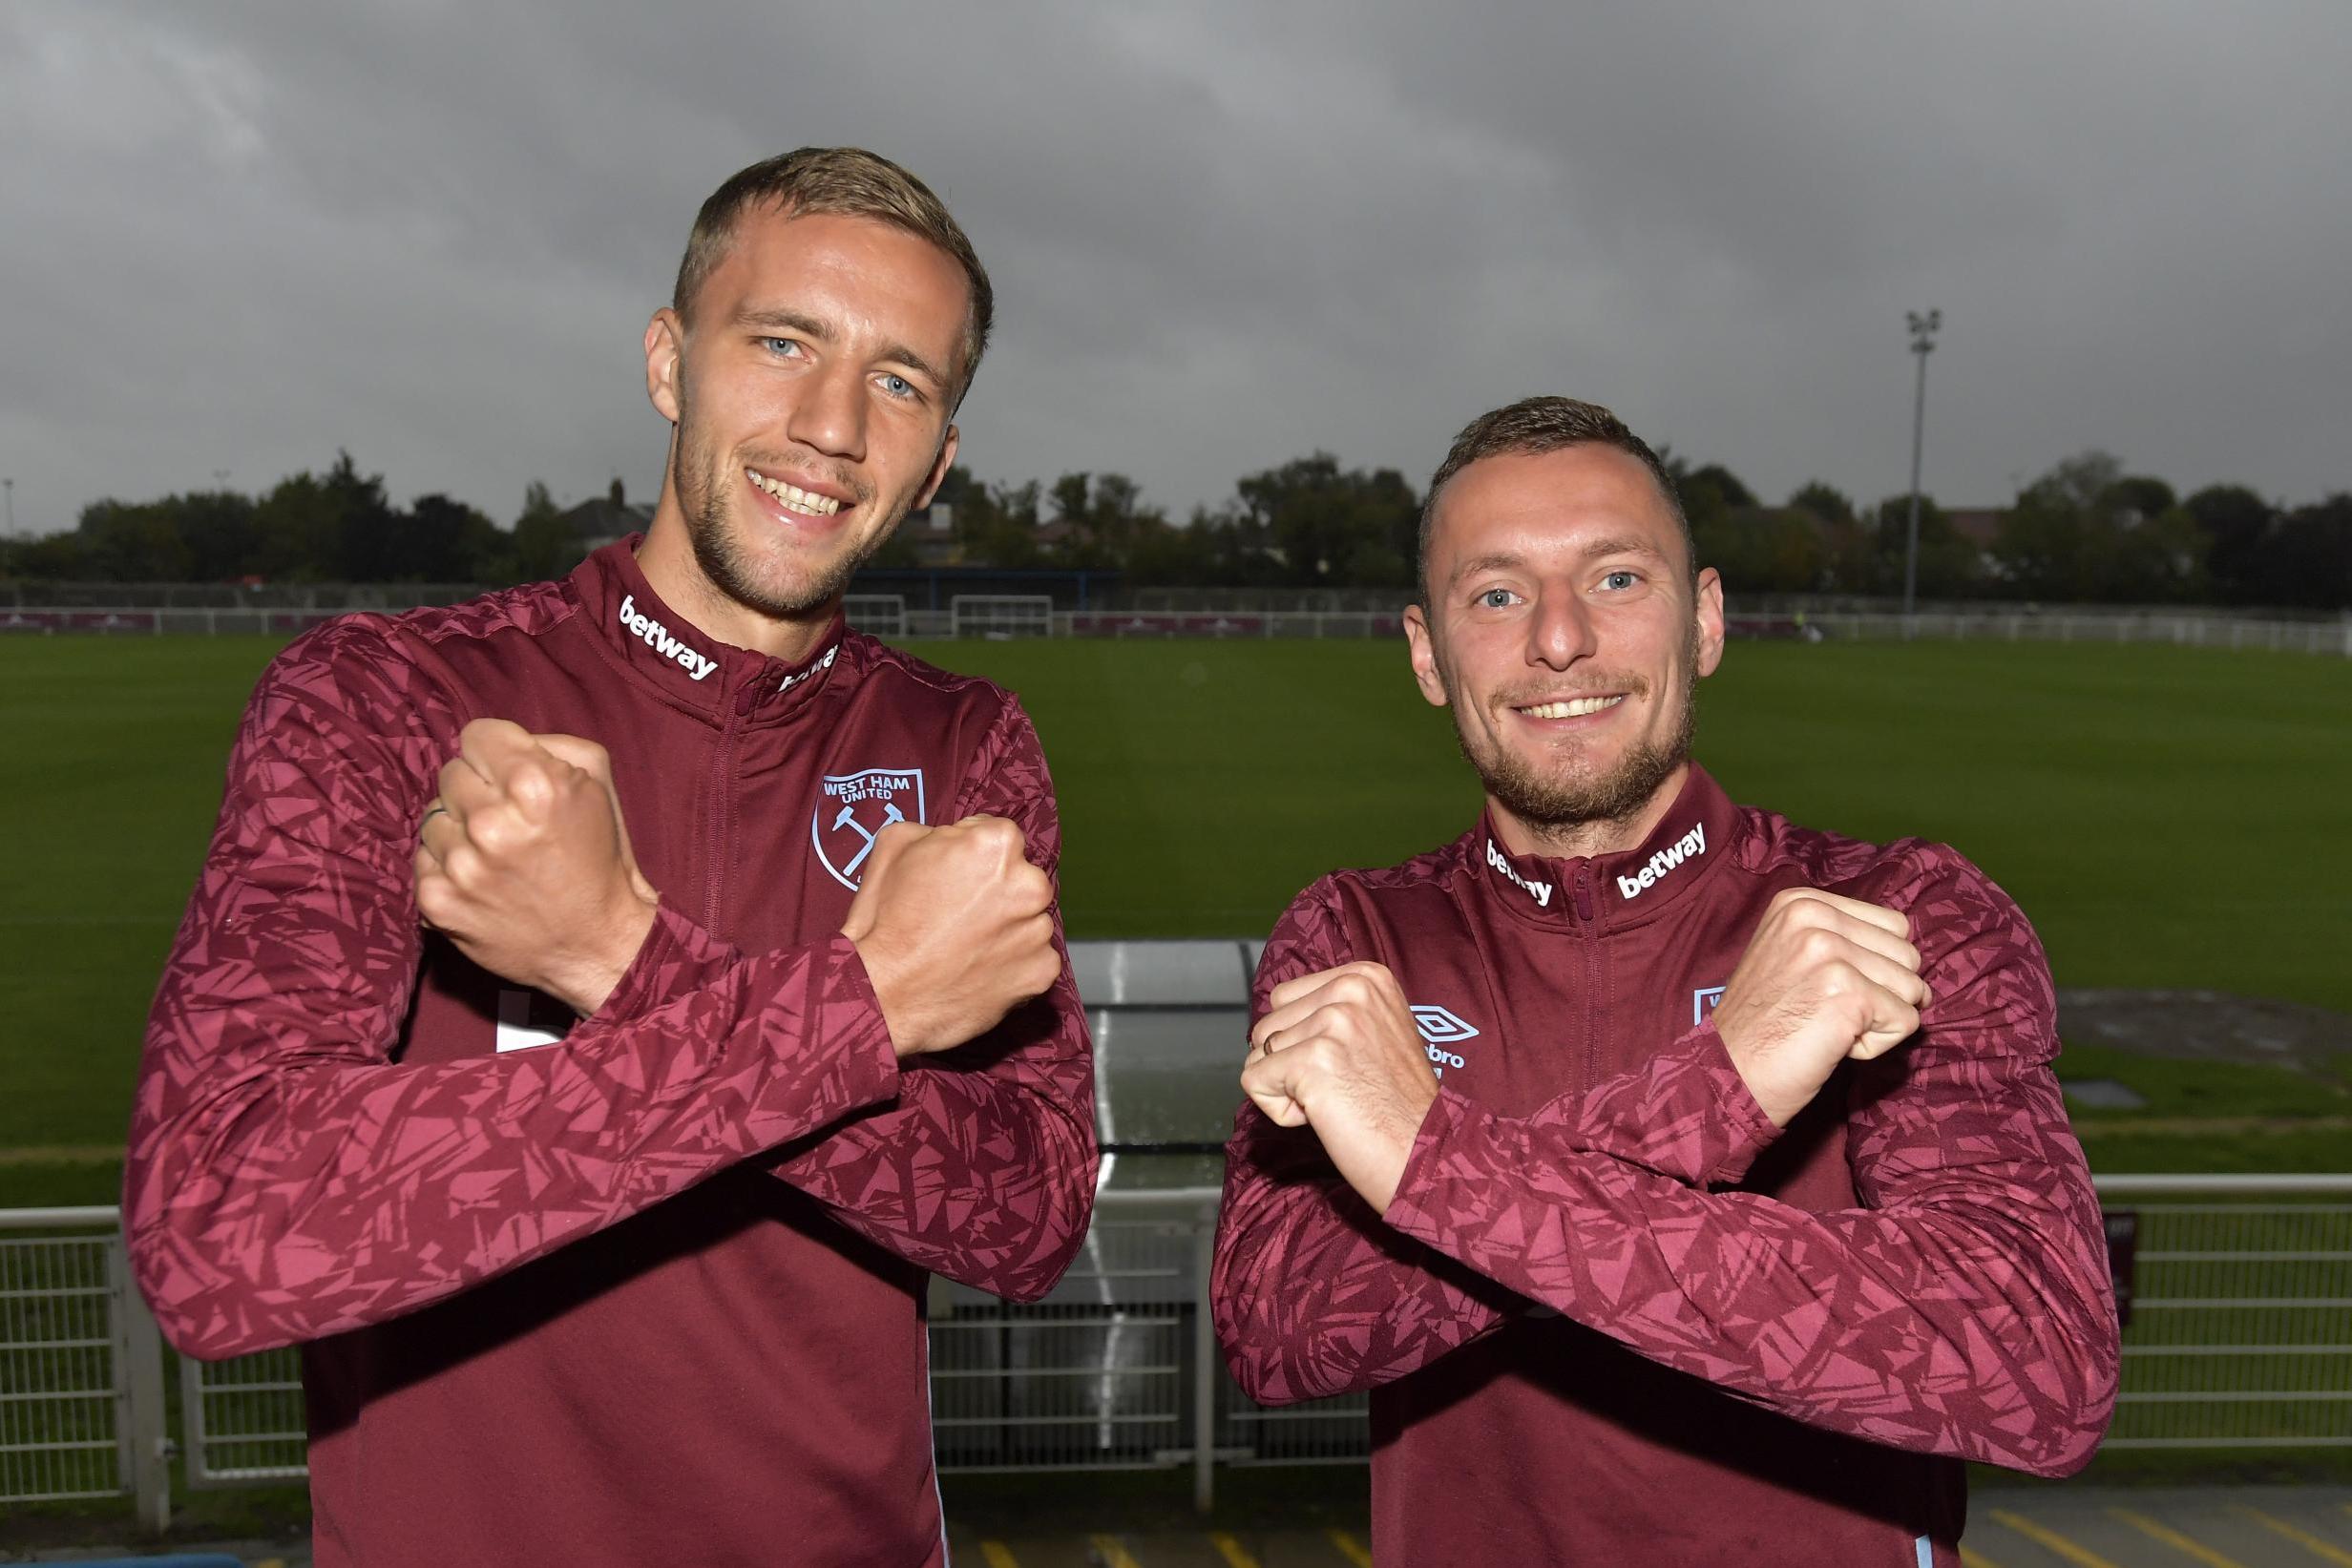 TŘI SLÁVISTÉ do Premier League! Kdo se vydá za Coufalem a Součkem?